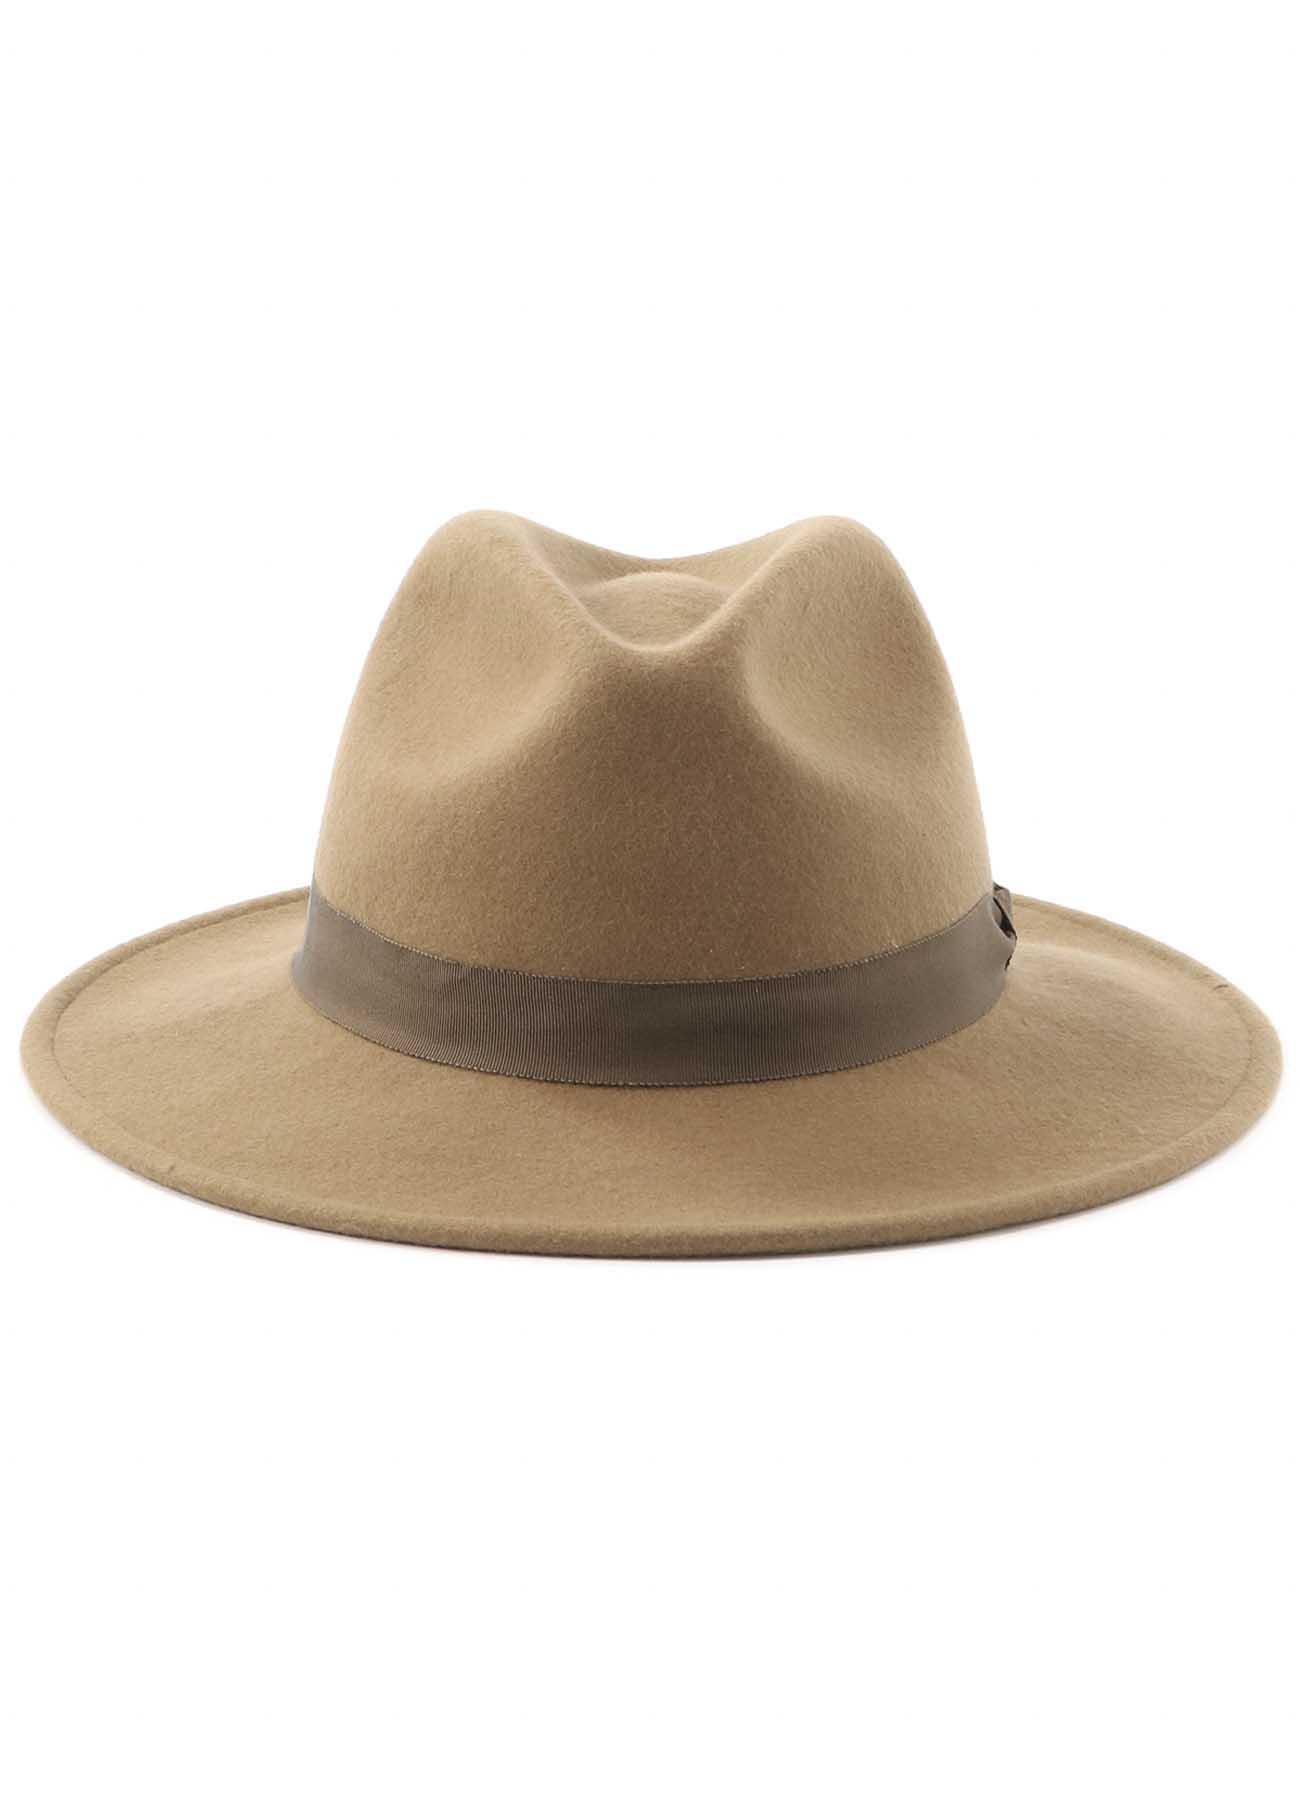 Wool Felt Long Brim Stitch Hat